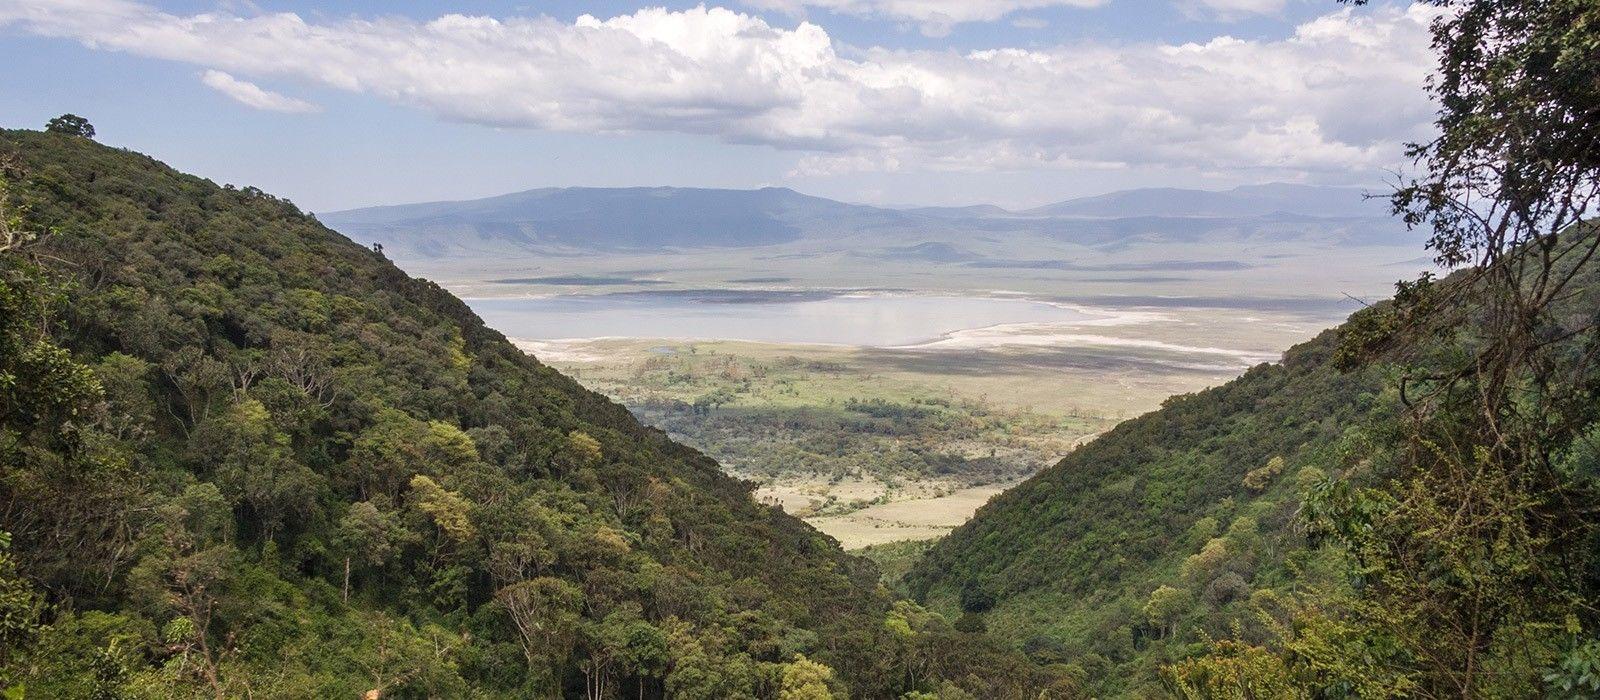 Tanzania: From Kilimanjaro to Zanzibar Tour Trip 4